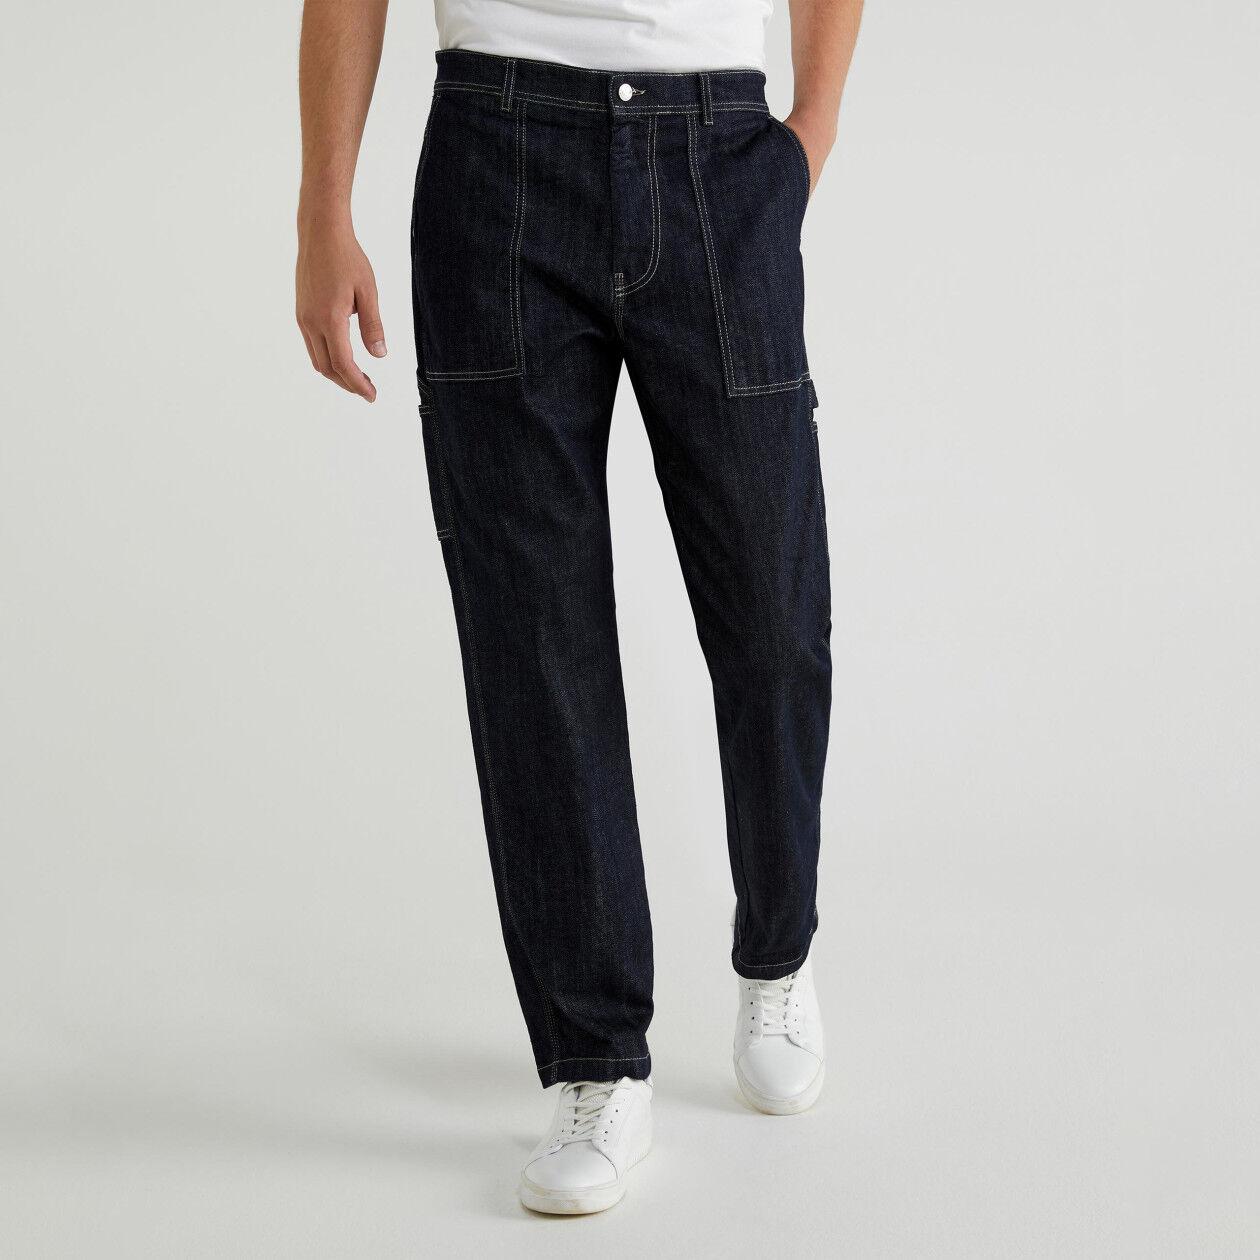 Jeans avec poches sur les côtés